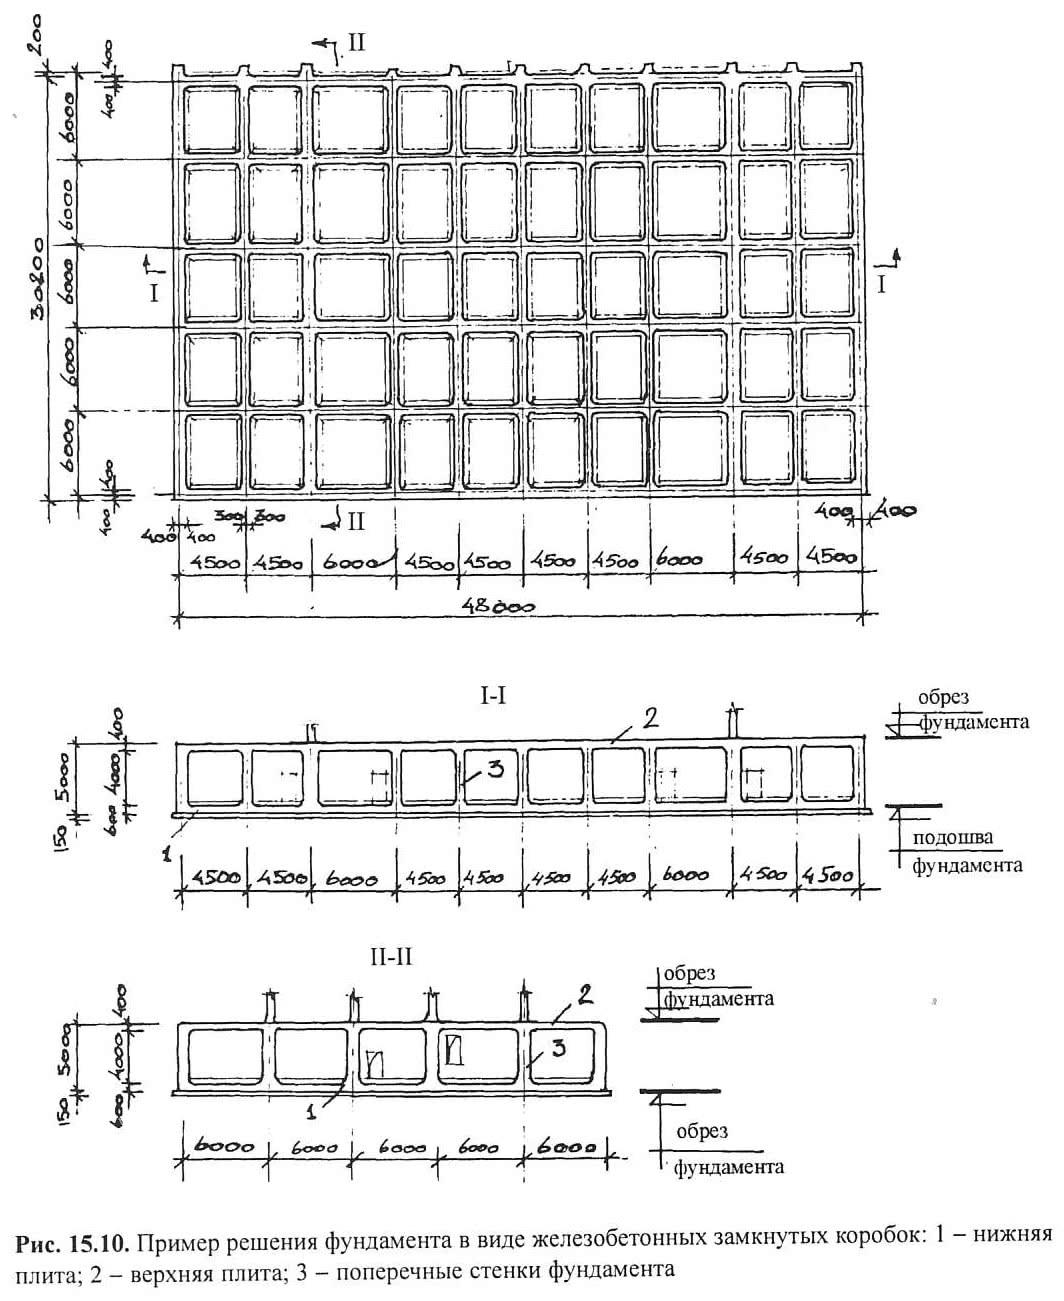 Рис. 15.10. Пример решения фундамента в виде ж/б замкнутых коробок